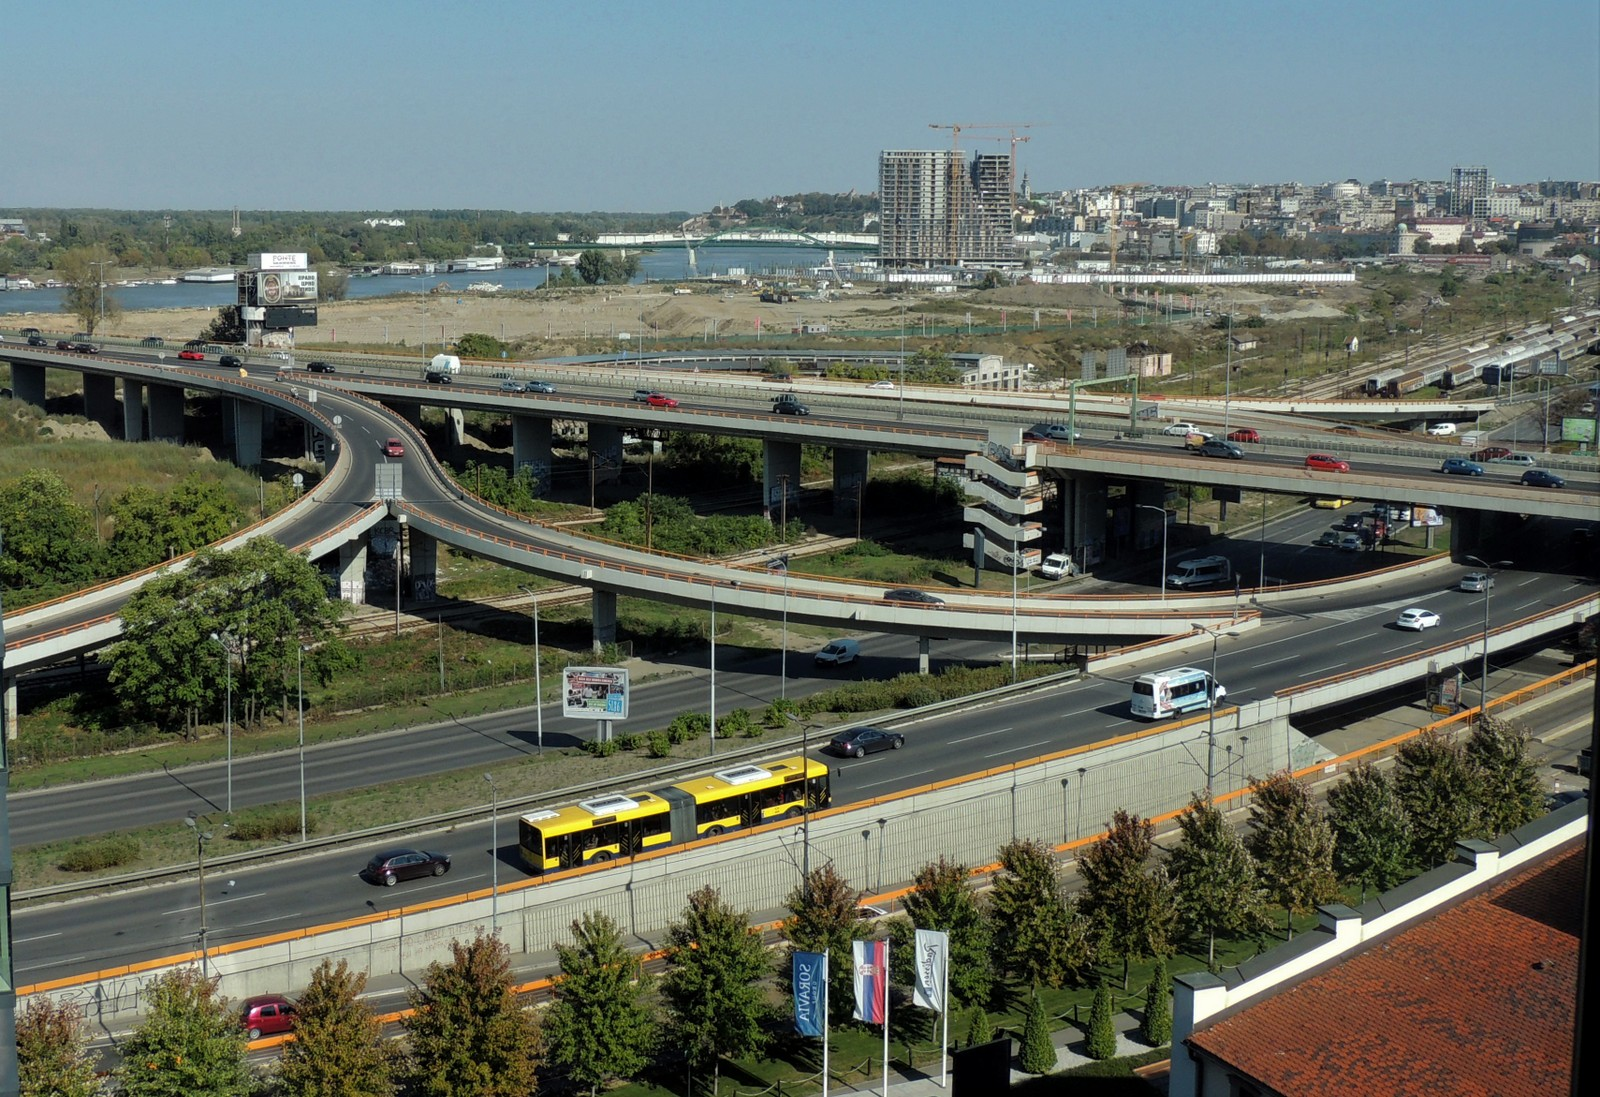 Autoput - die Savebrücke in Belgrad